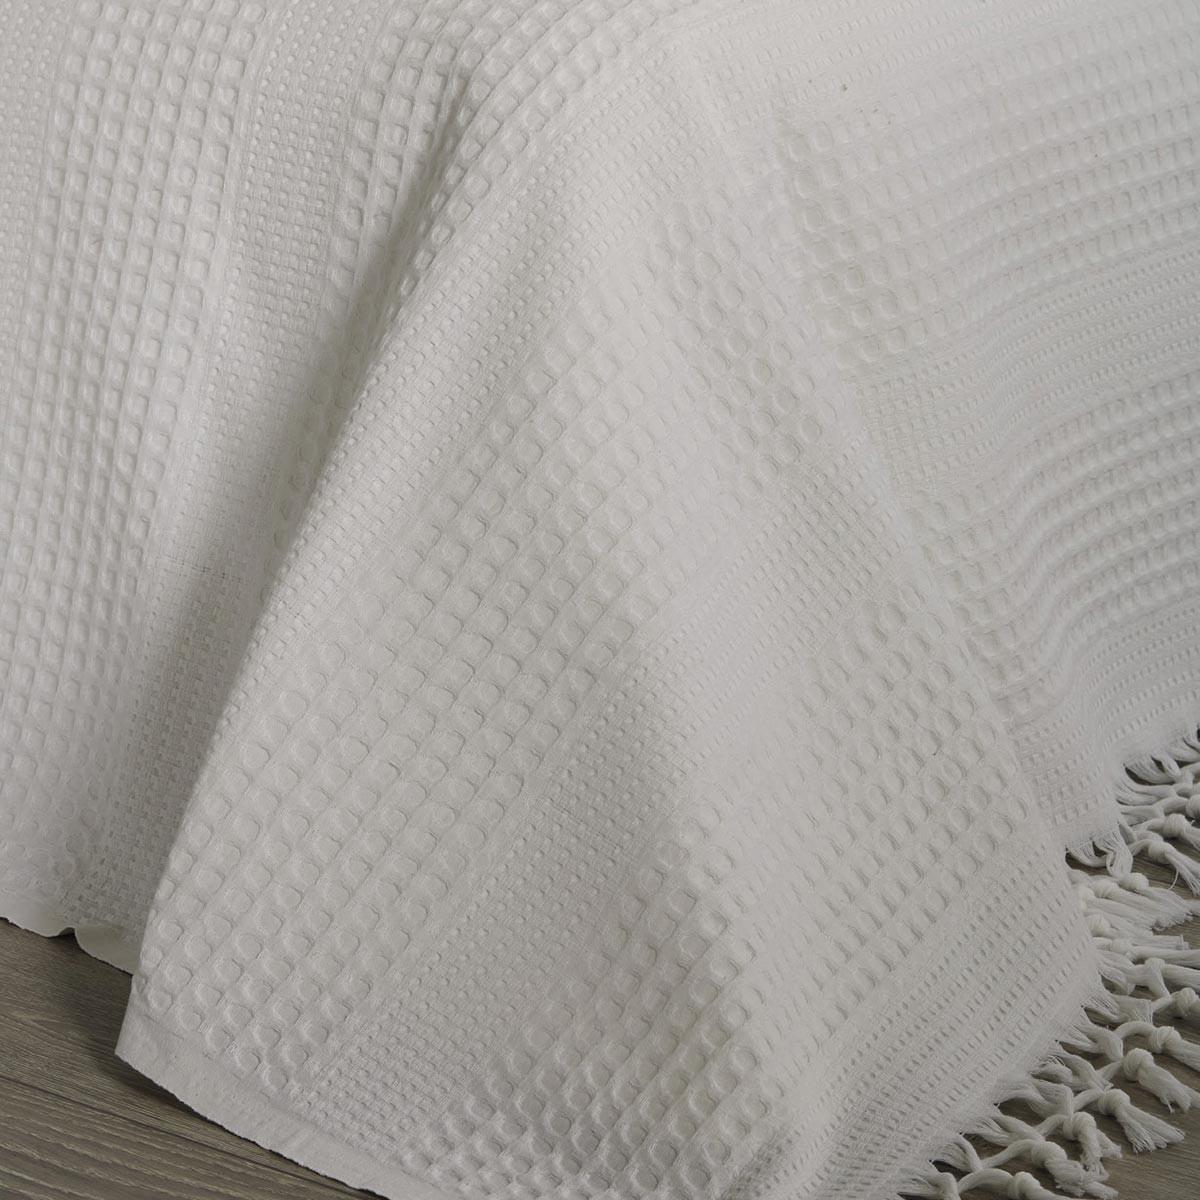 Κουβέρτα Πικέ Υπέρδιπλη White Egg ΚΠ11Η 69555